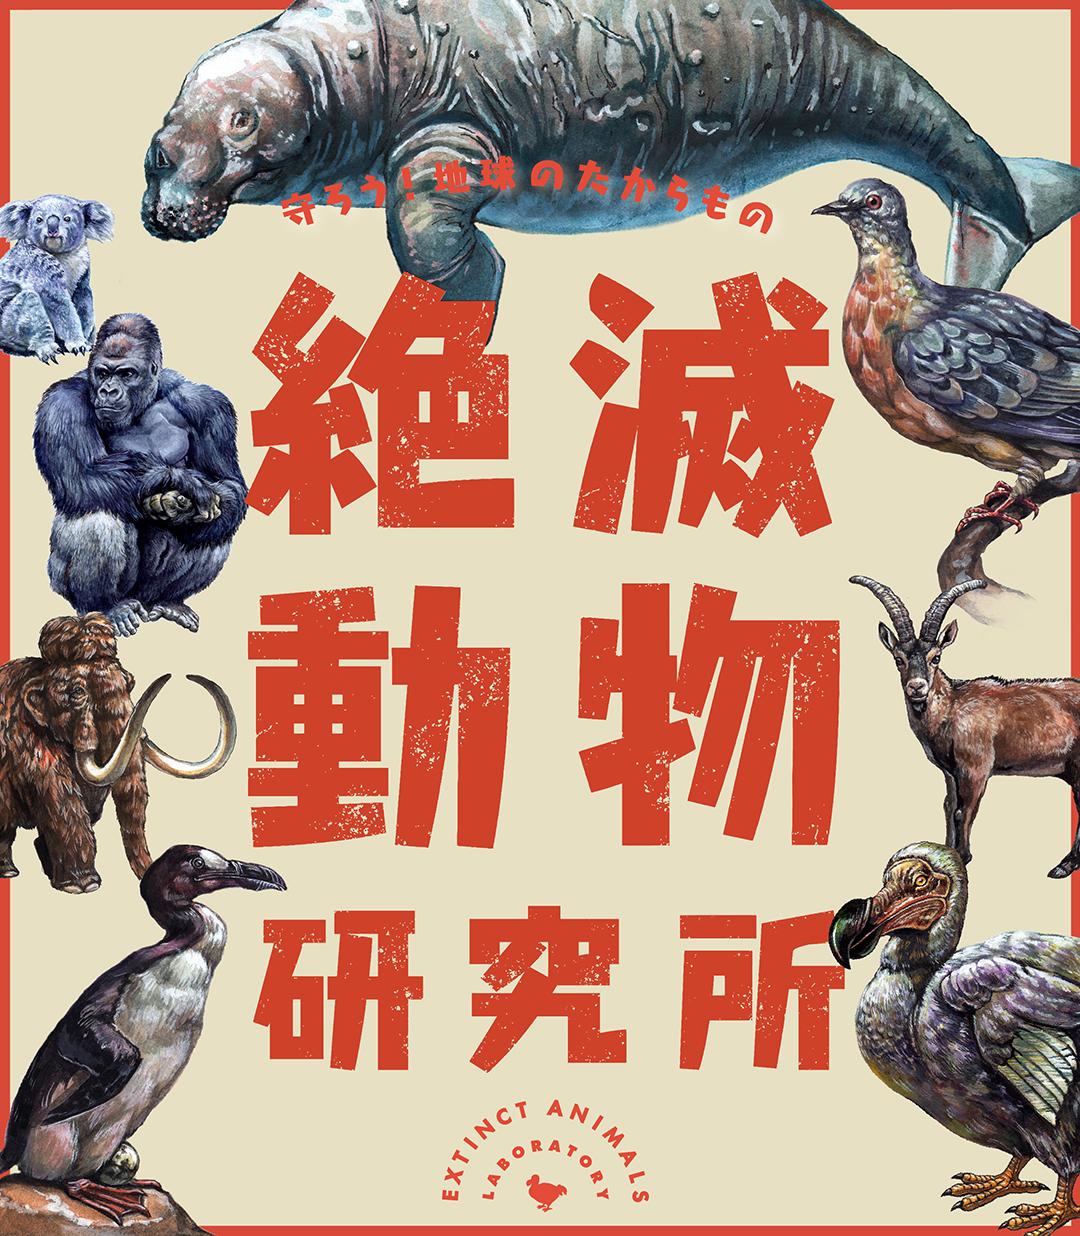 絶滅動物たちの謎が明らかに! 「絶滅動物研究所」 | HIROBA!